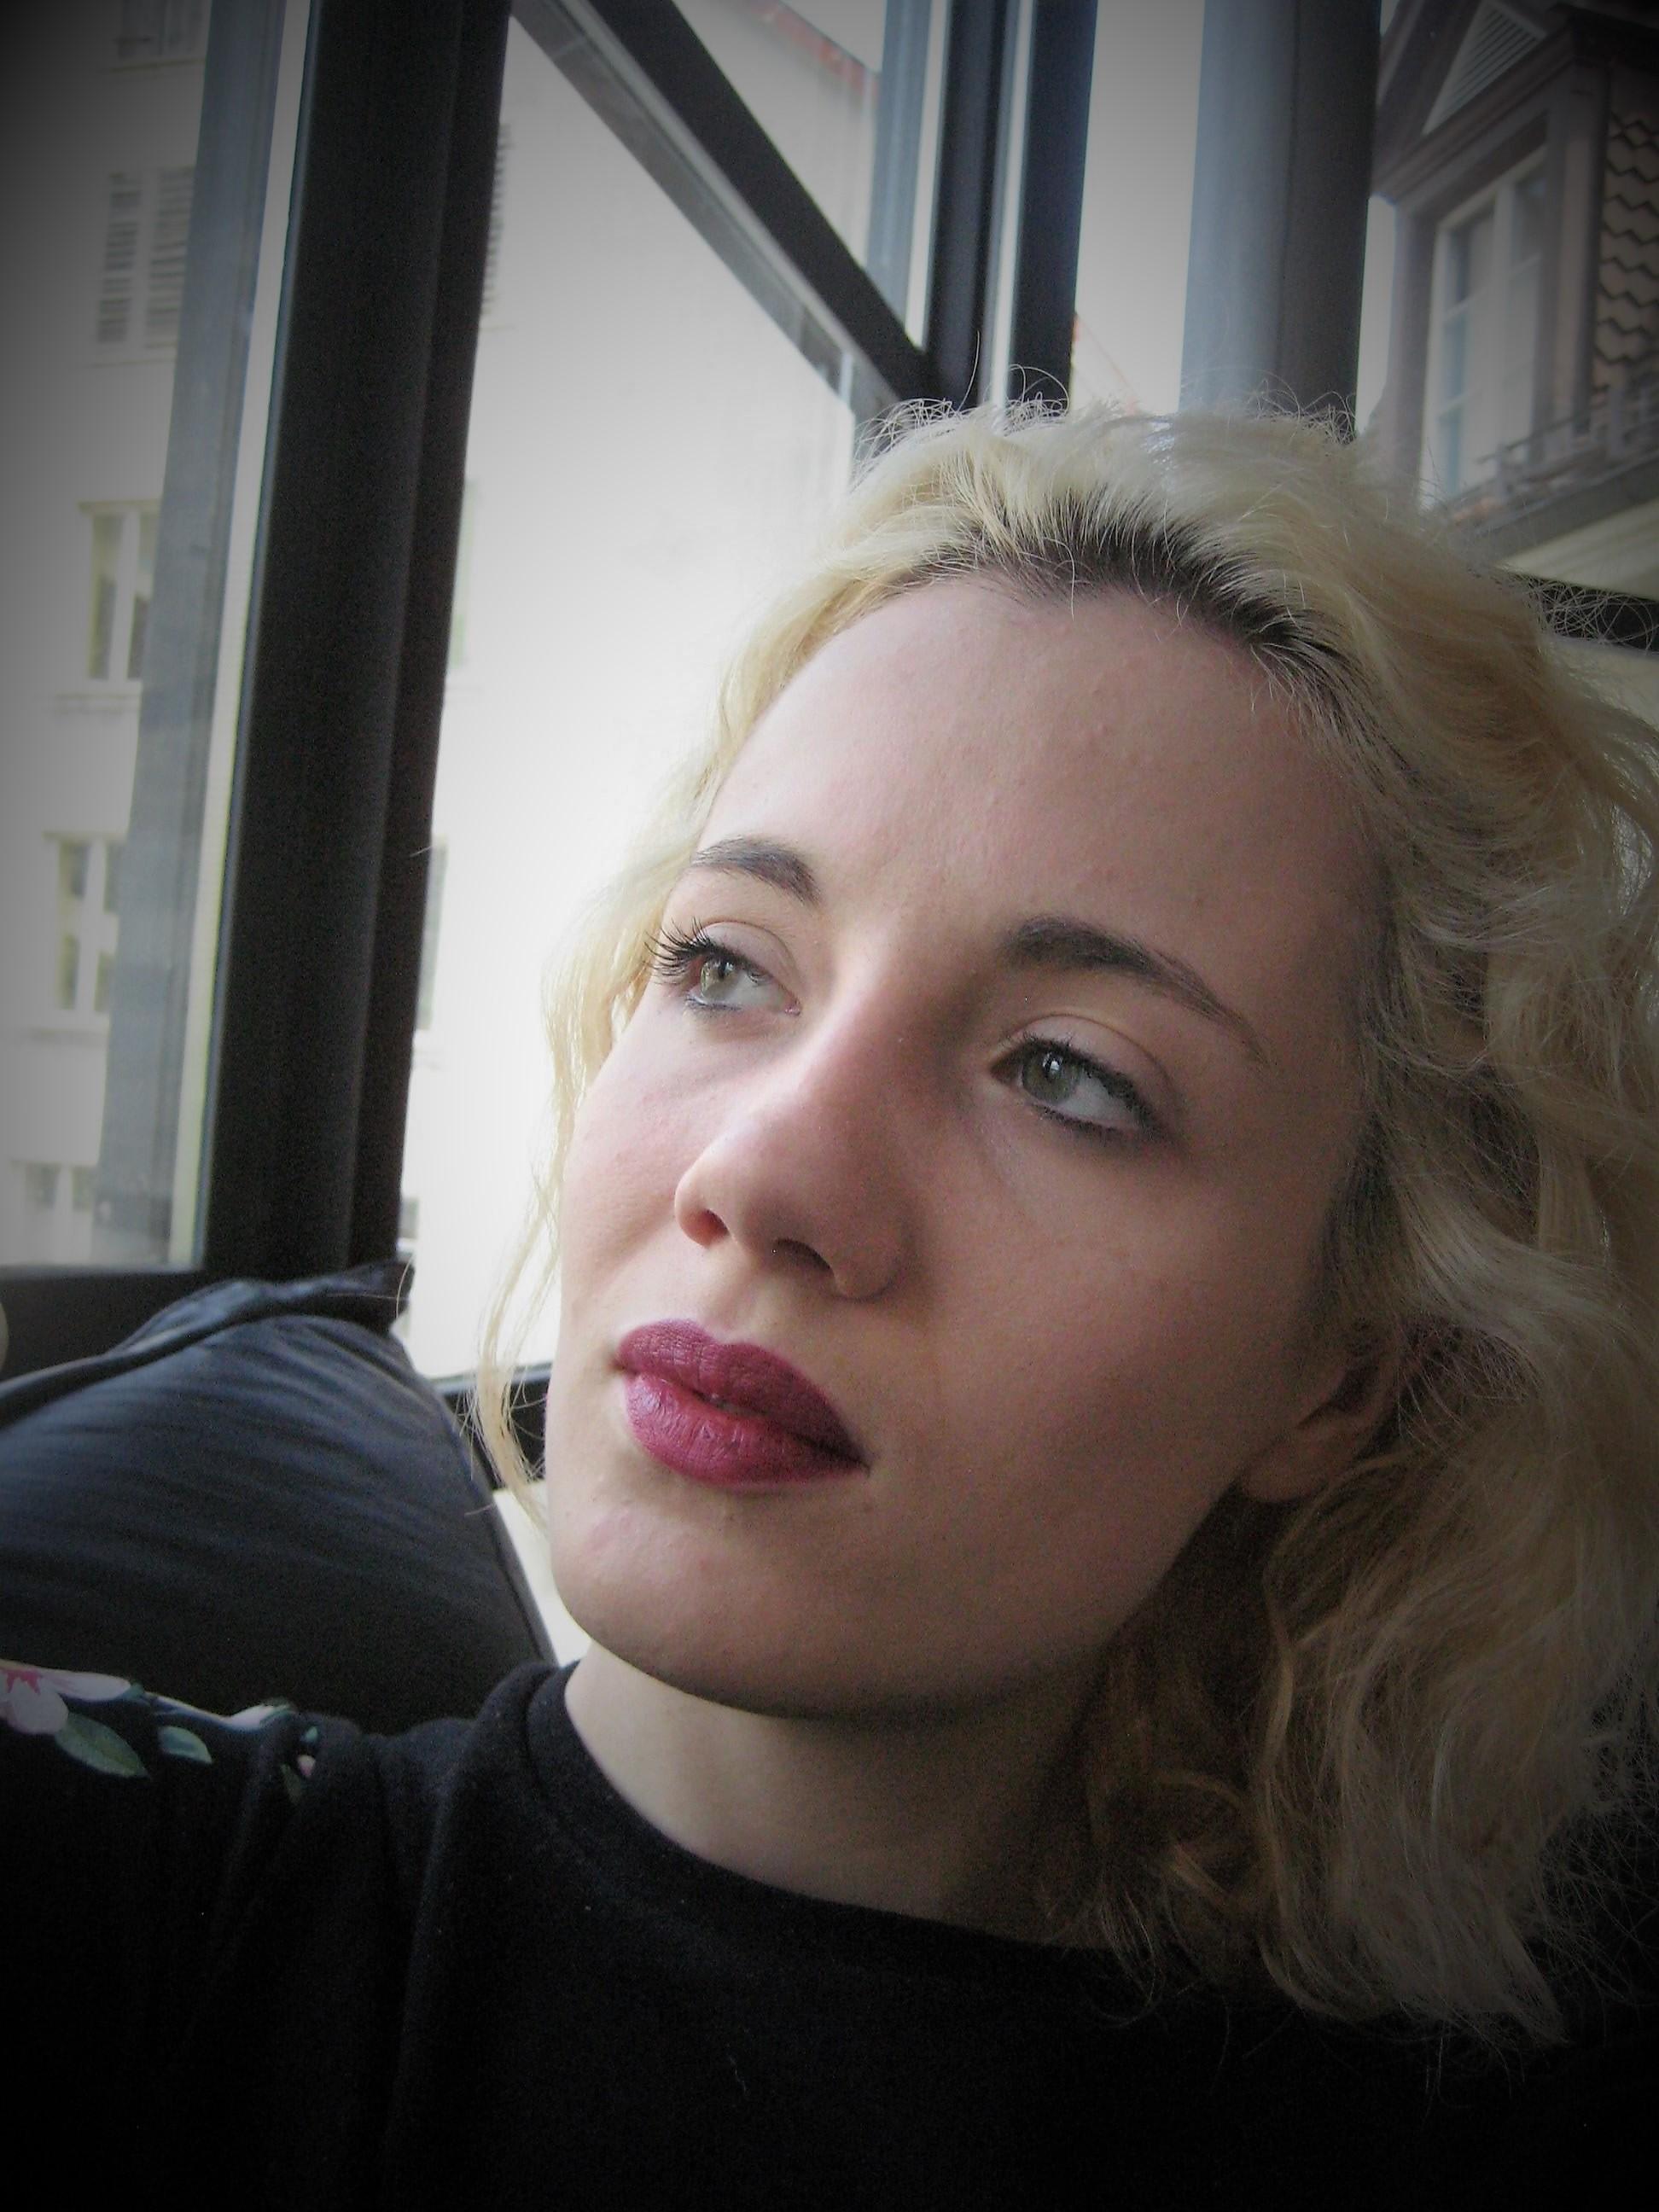 Chloé Suard - SopranIl m'a très vite été primordial d'utiliser la musique, et donc ma voix, comme support au texte et aux émotions. C'est même, à mon avis, les émotions qui donnent naissance au son.